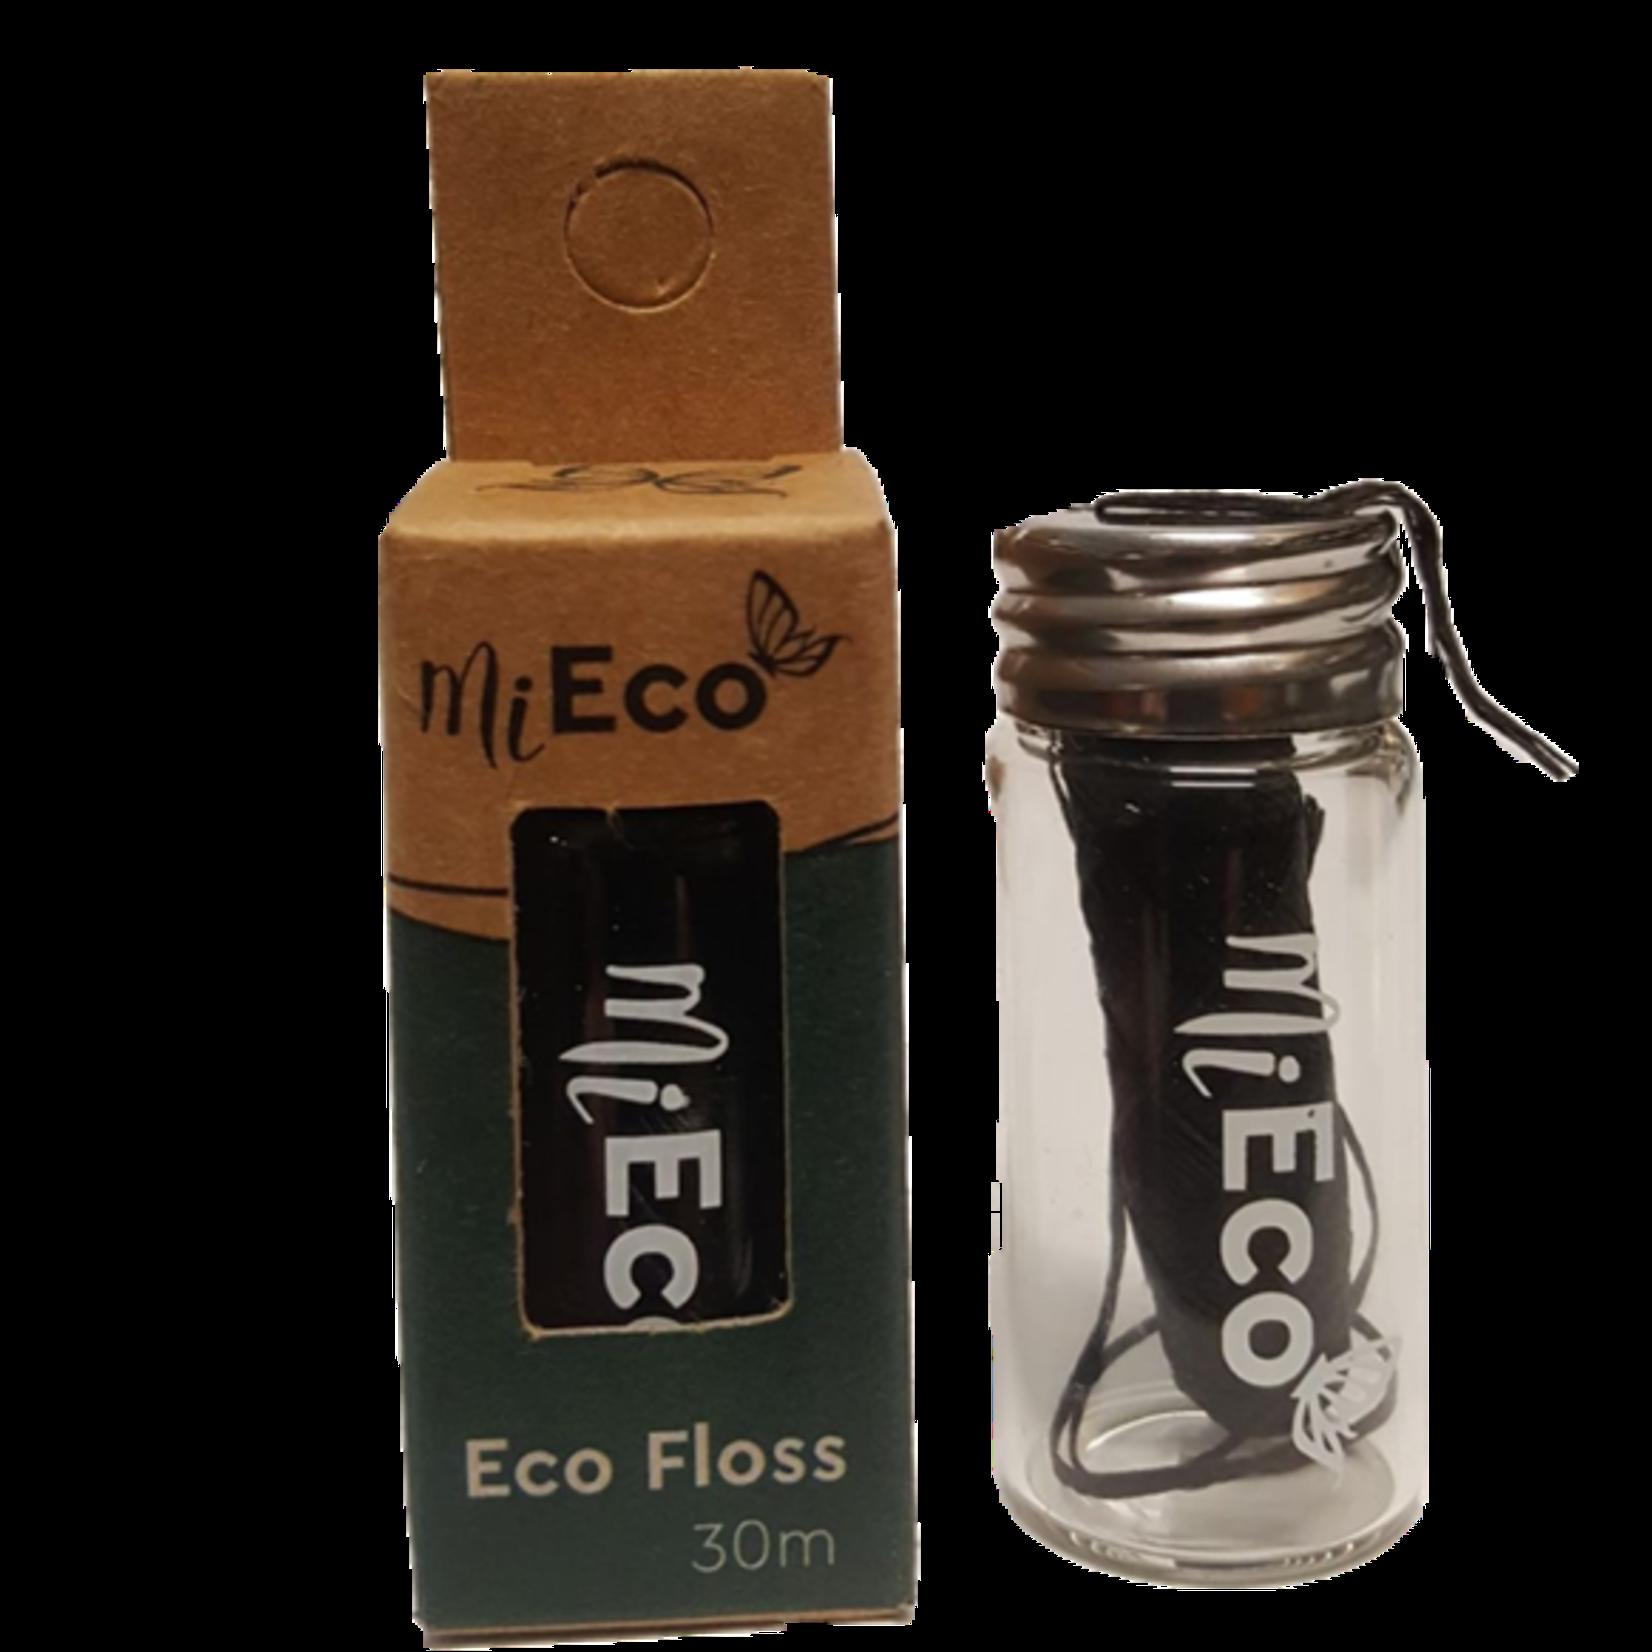 Mieco Mieco Eco Floss Activated Charcoal